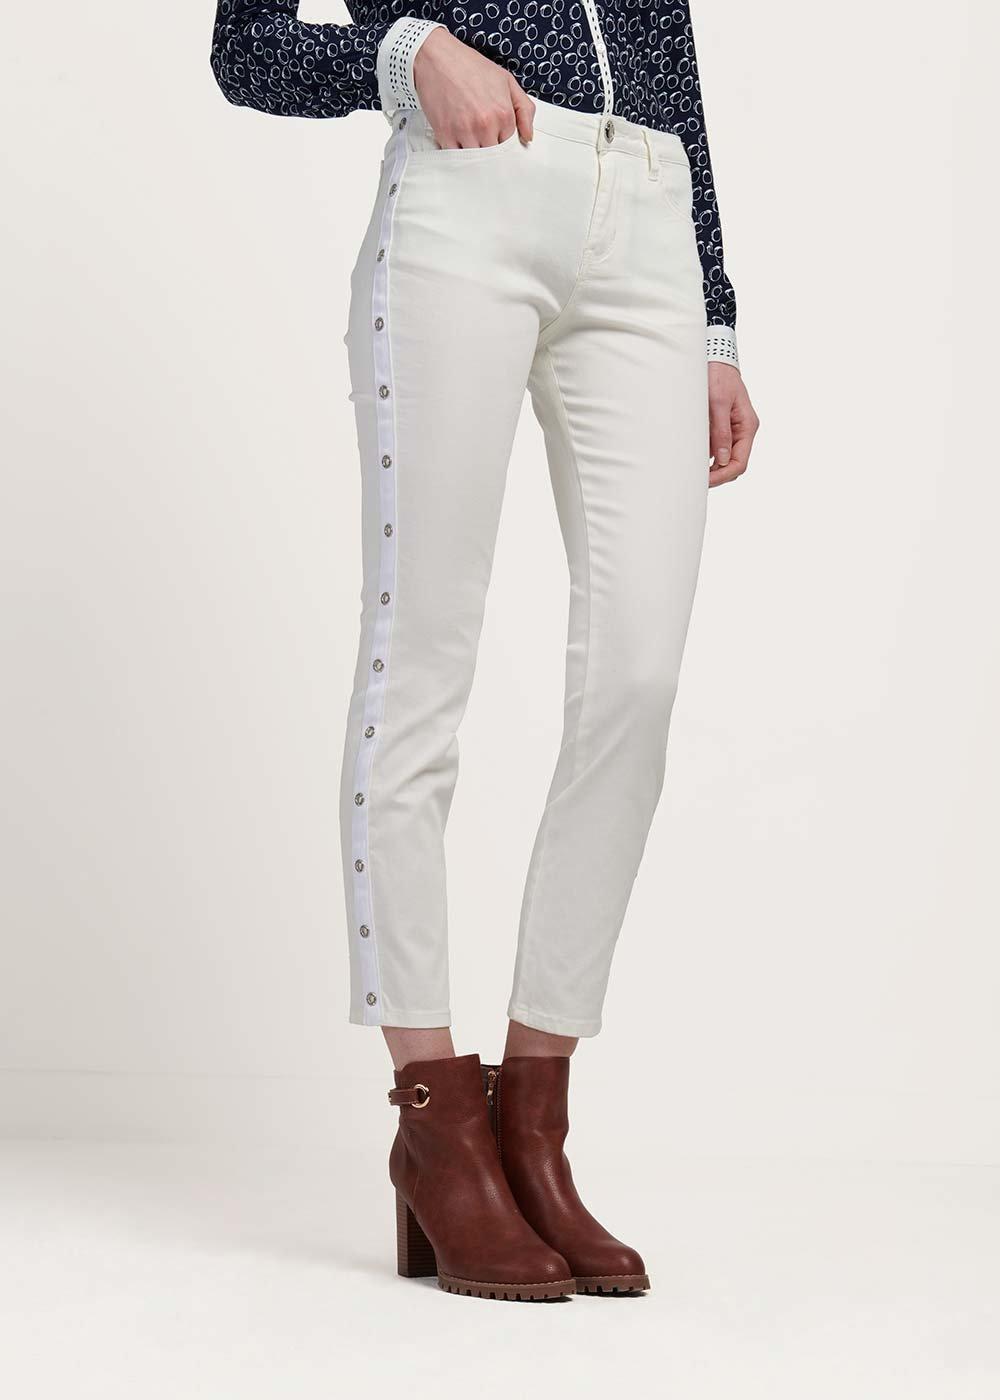 Pantalone Pinup modello pinocchietto - White - Donna